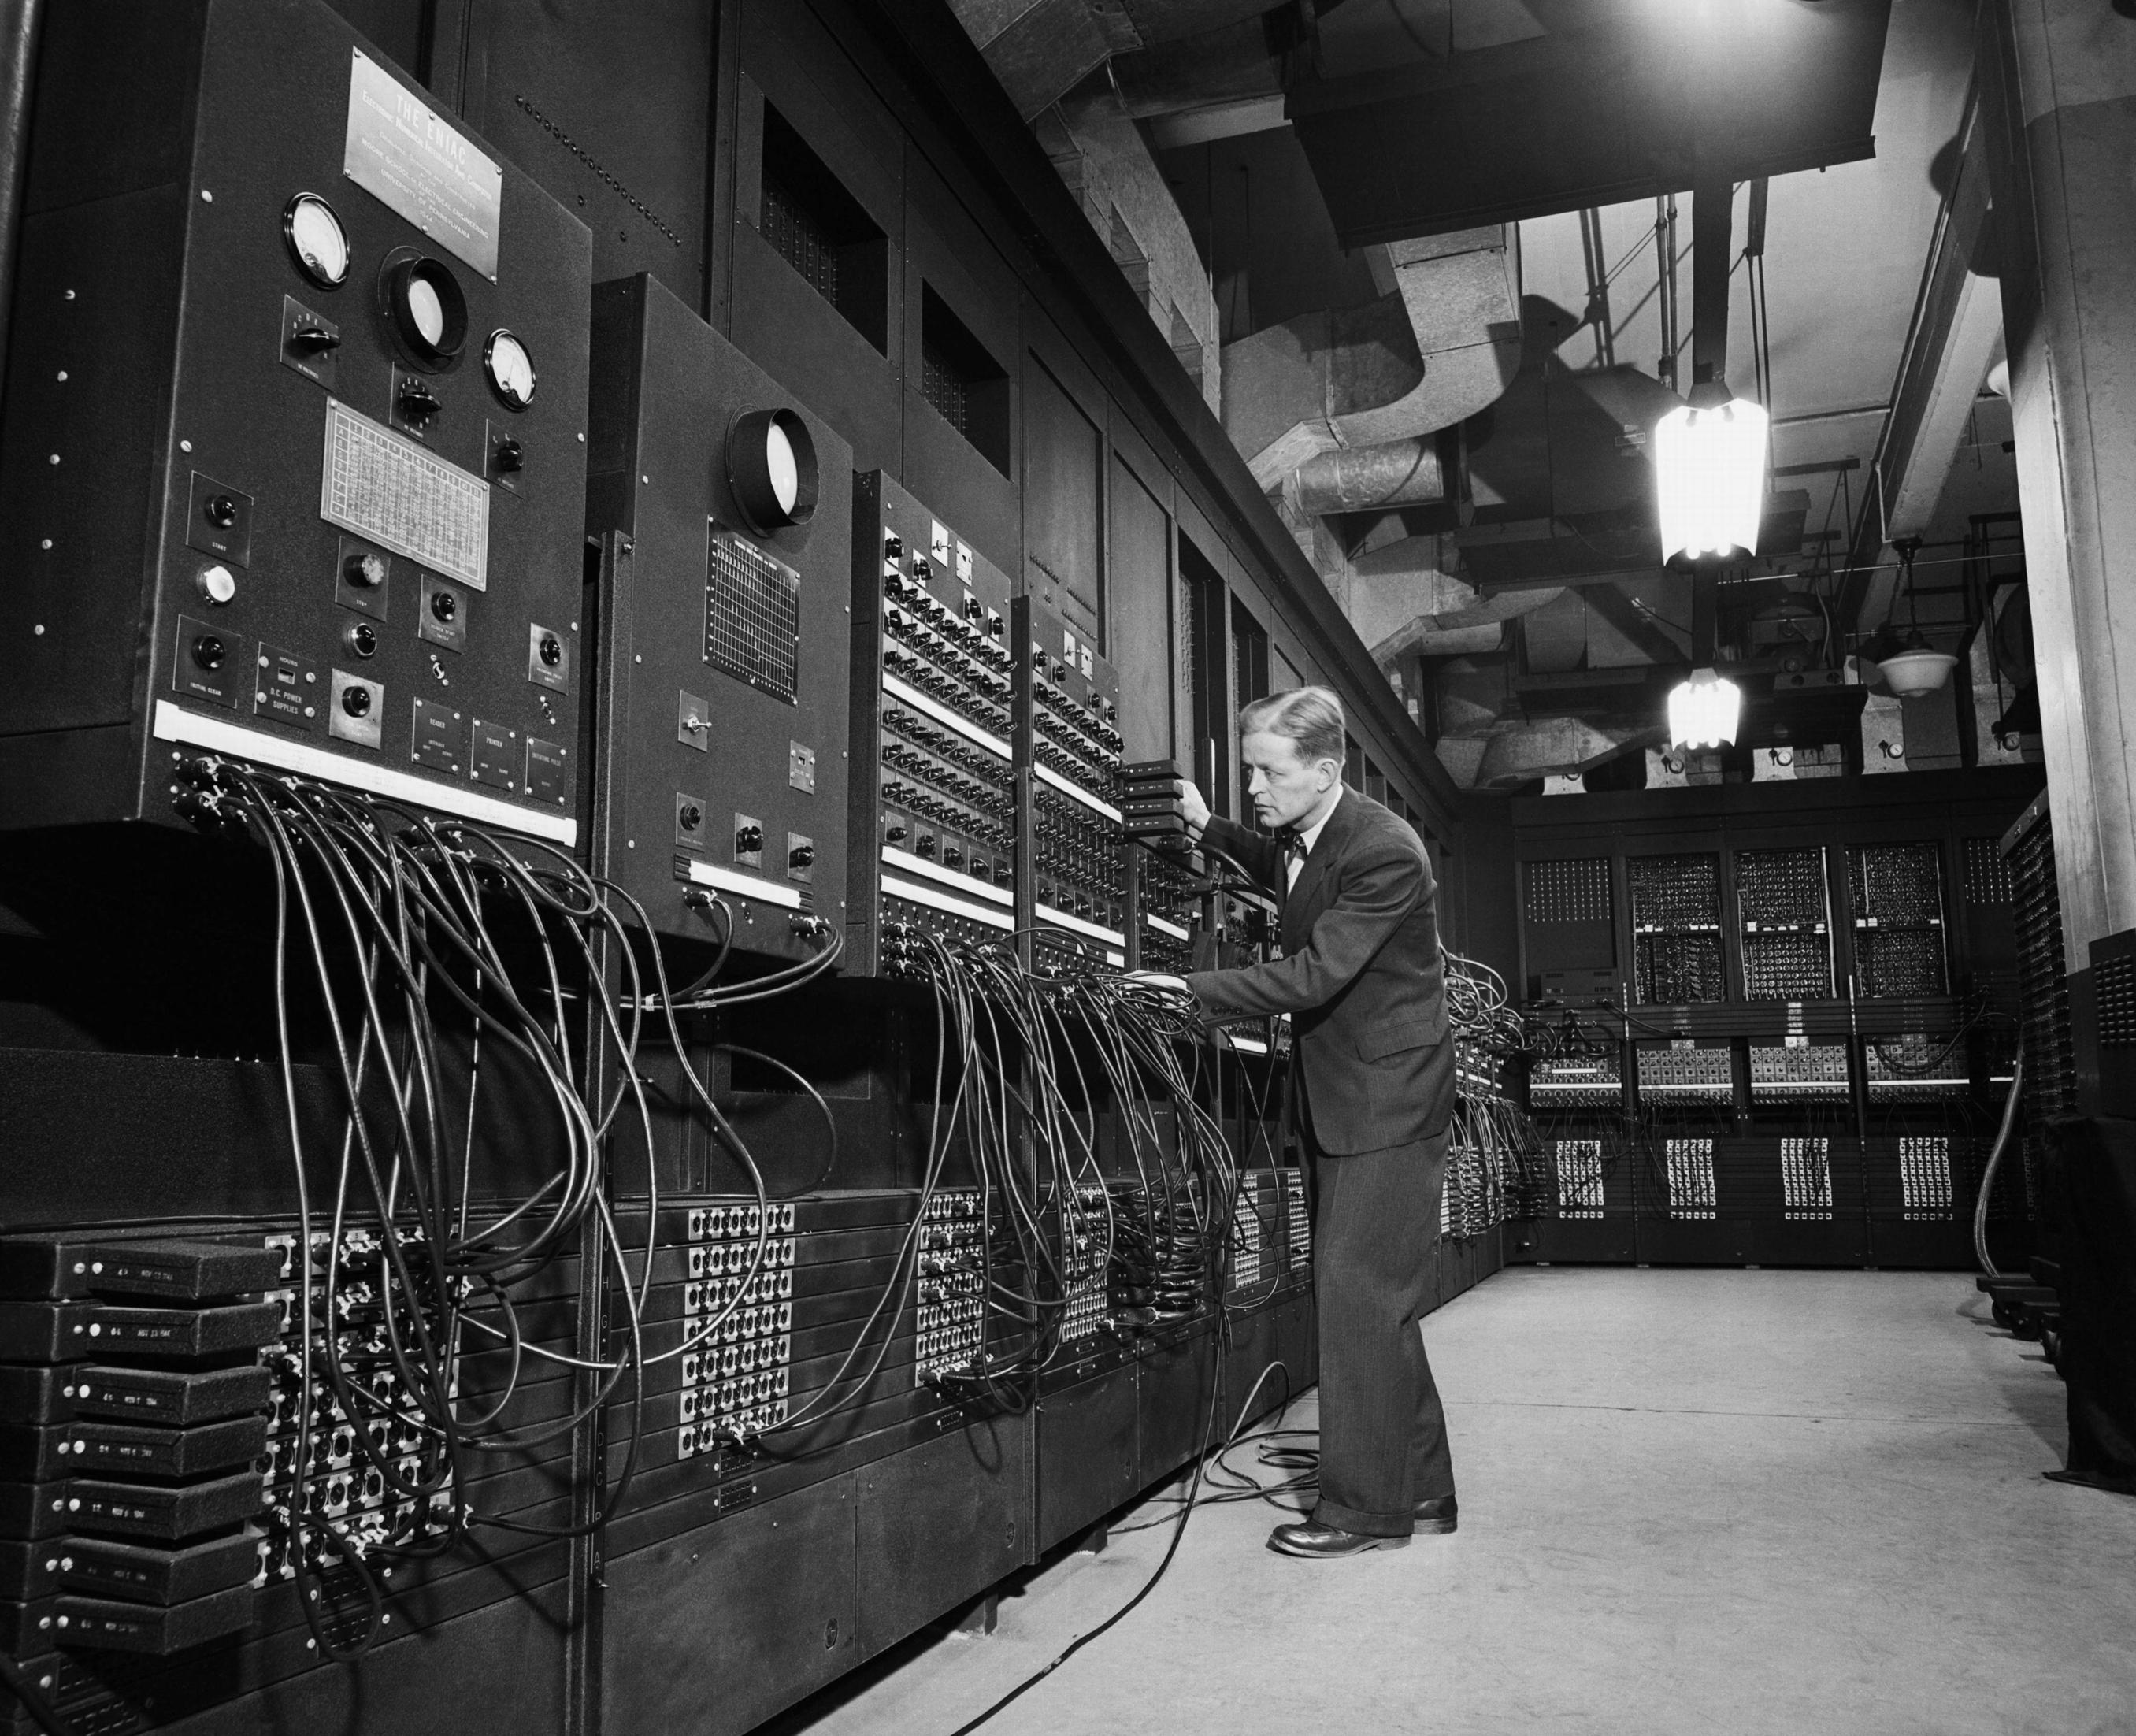 livro/images/historia-do-computador/ENIAC.jpg